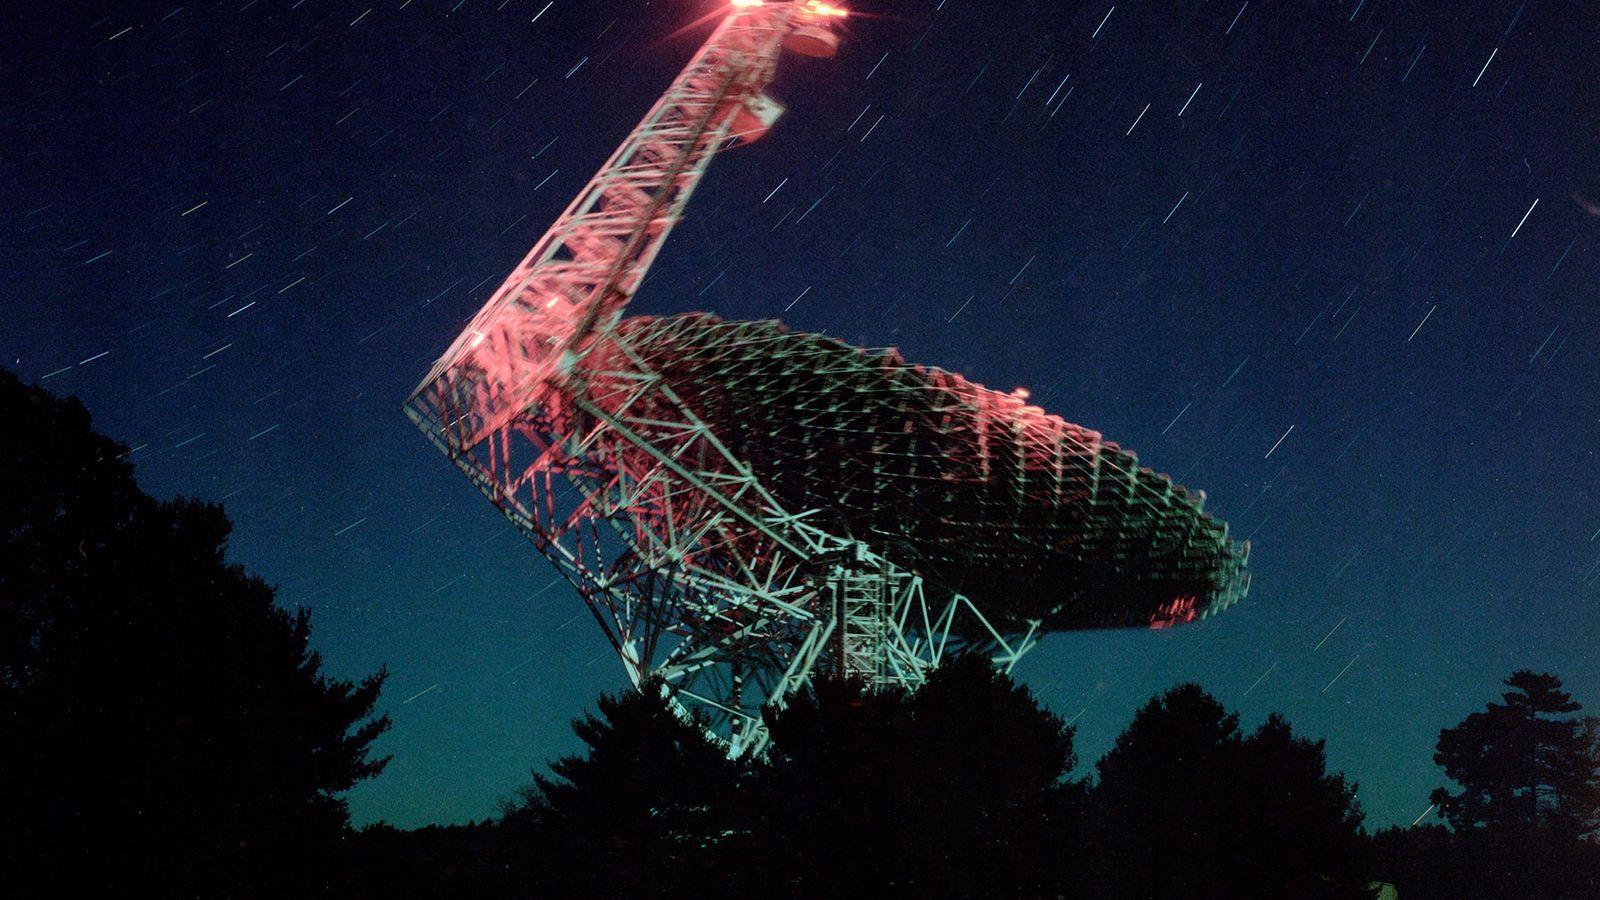 Das Green Bank Telescope ist das größte voll bewegliche Radioteleskop der Welt.